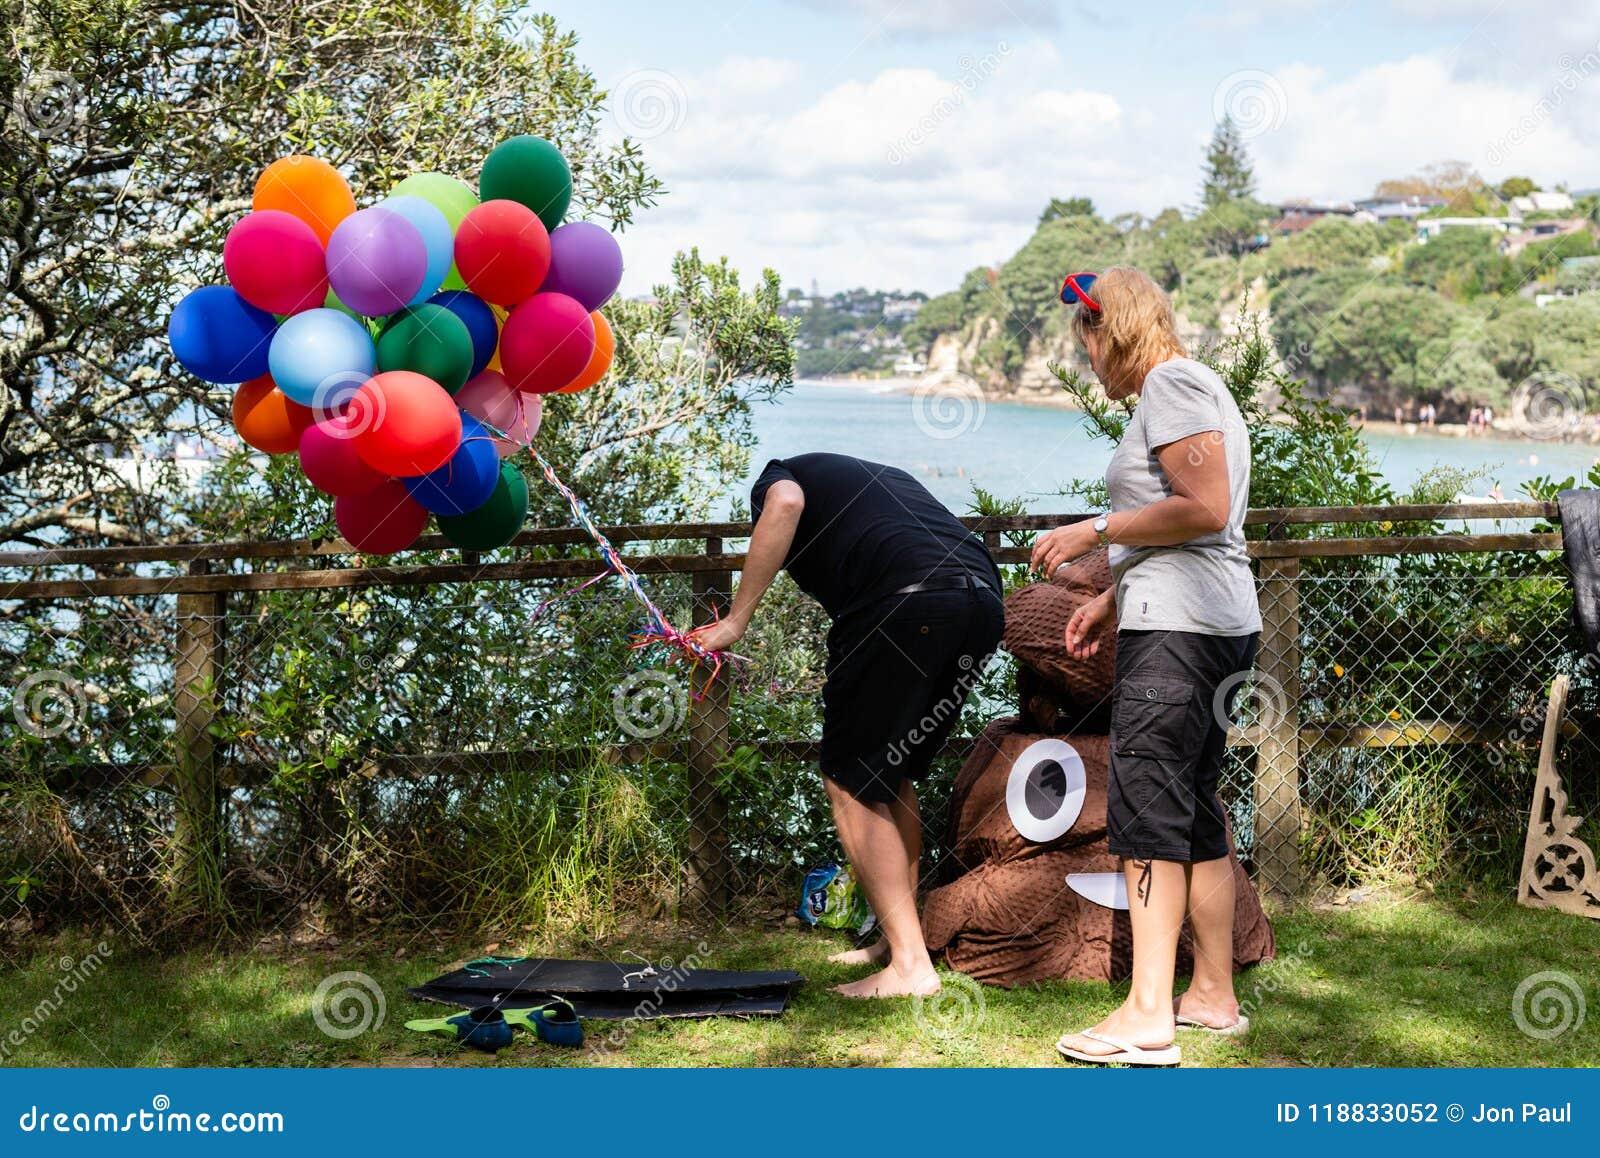 AUCKLAND, NEUSEELAND - 7. APRIL 2018: Zuschauer und Konkurrenten am Murrays-Bucht-Kai Birdman-Festival